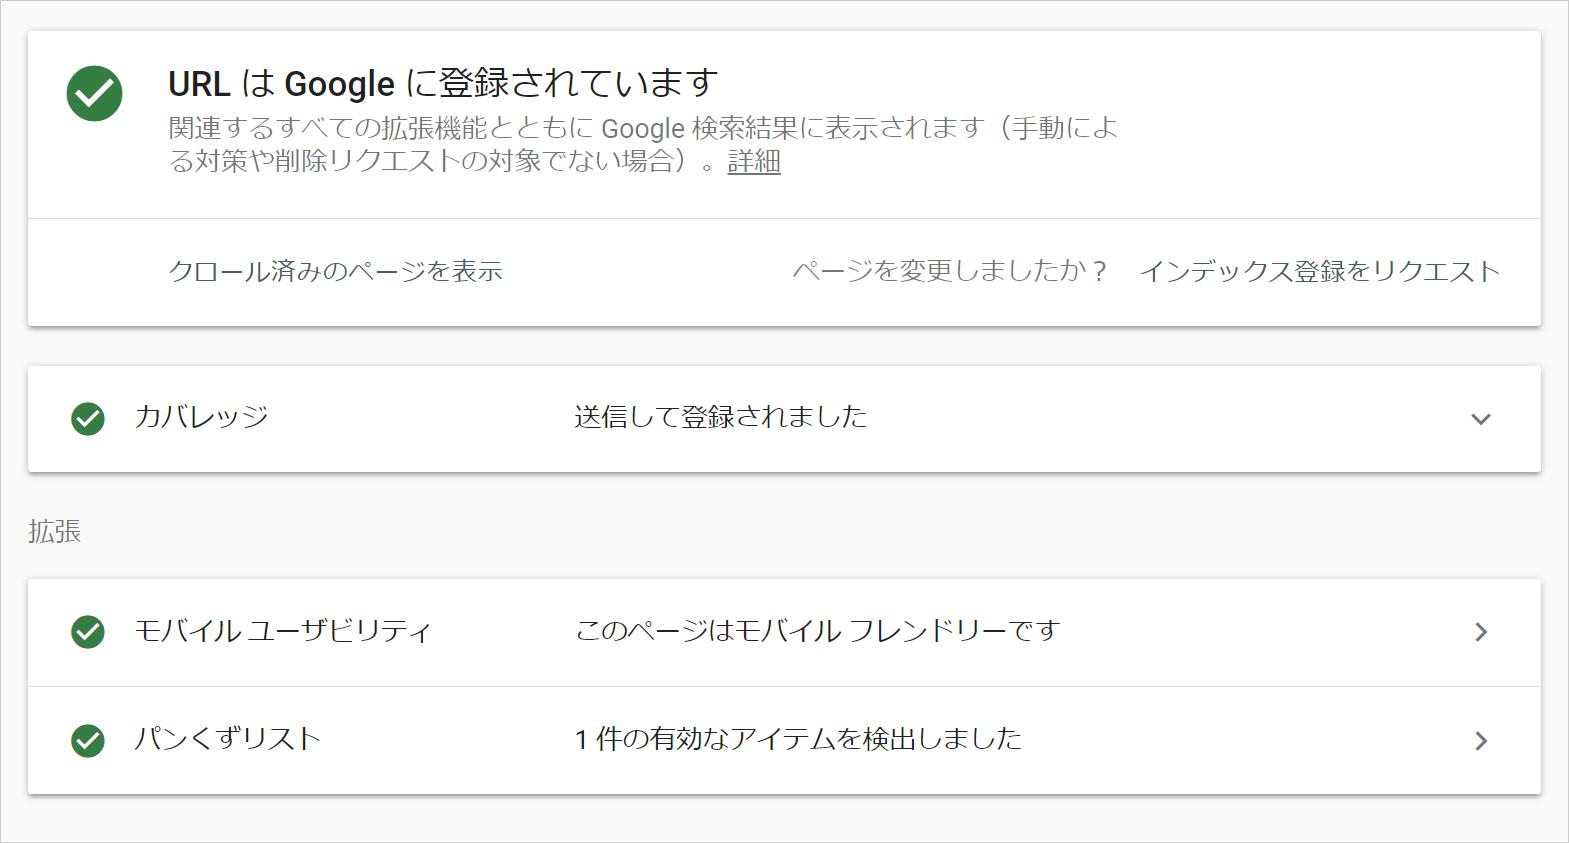 URL検査ツールでインデックスステータス状況が確認できる